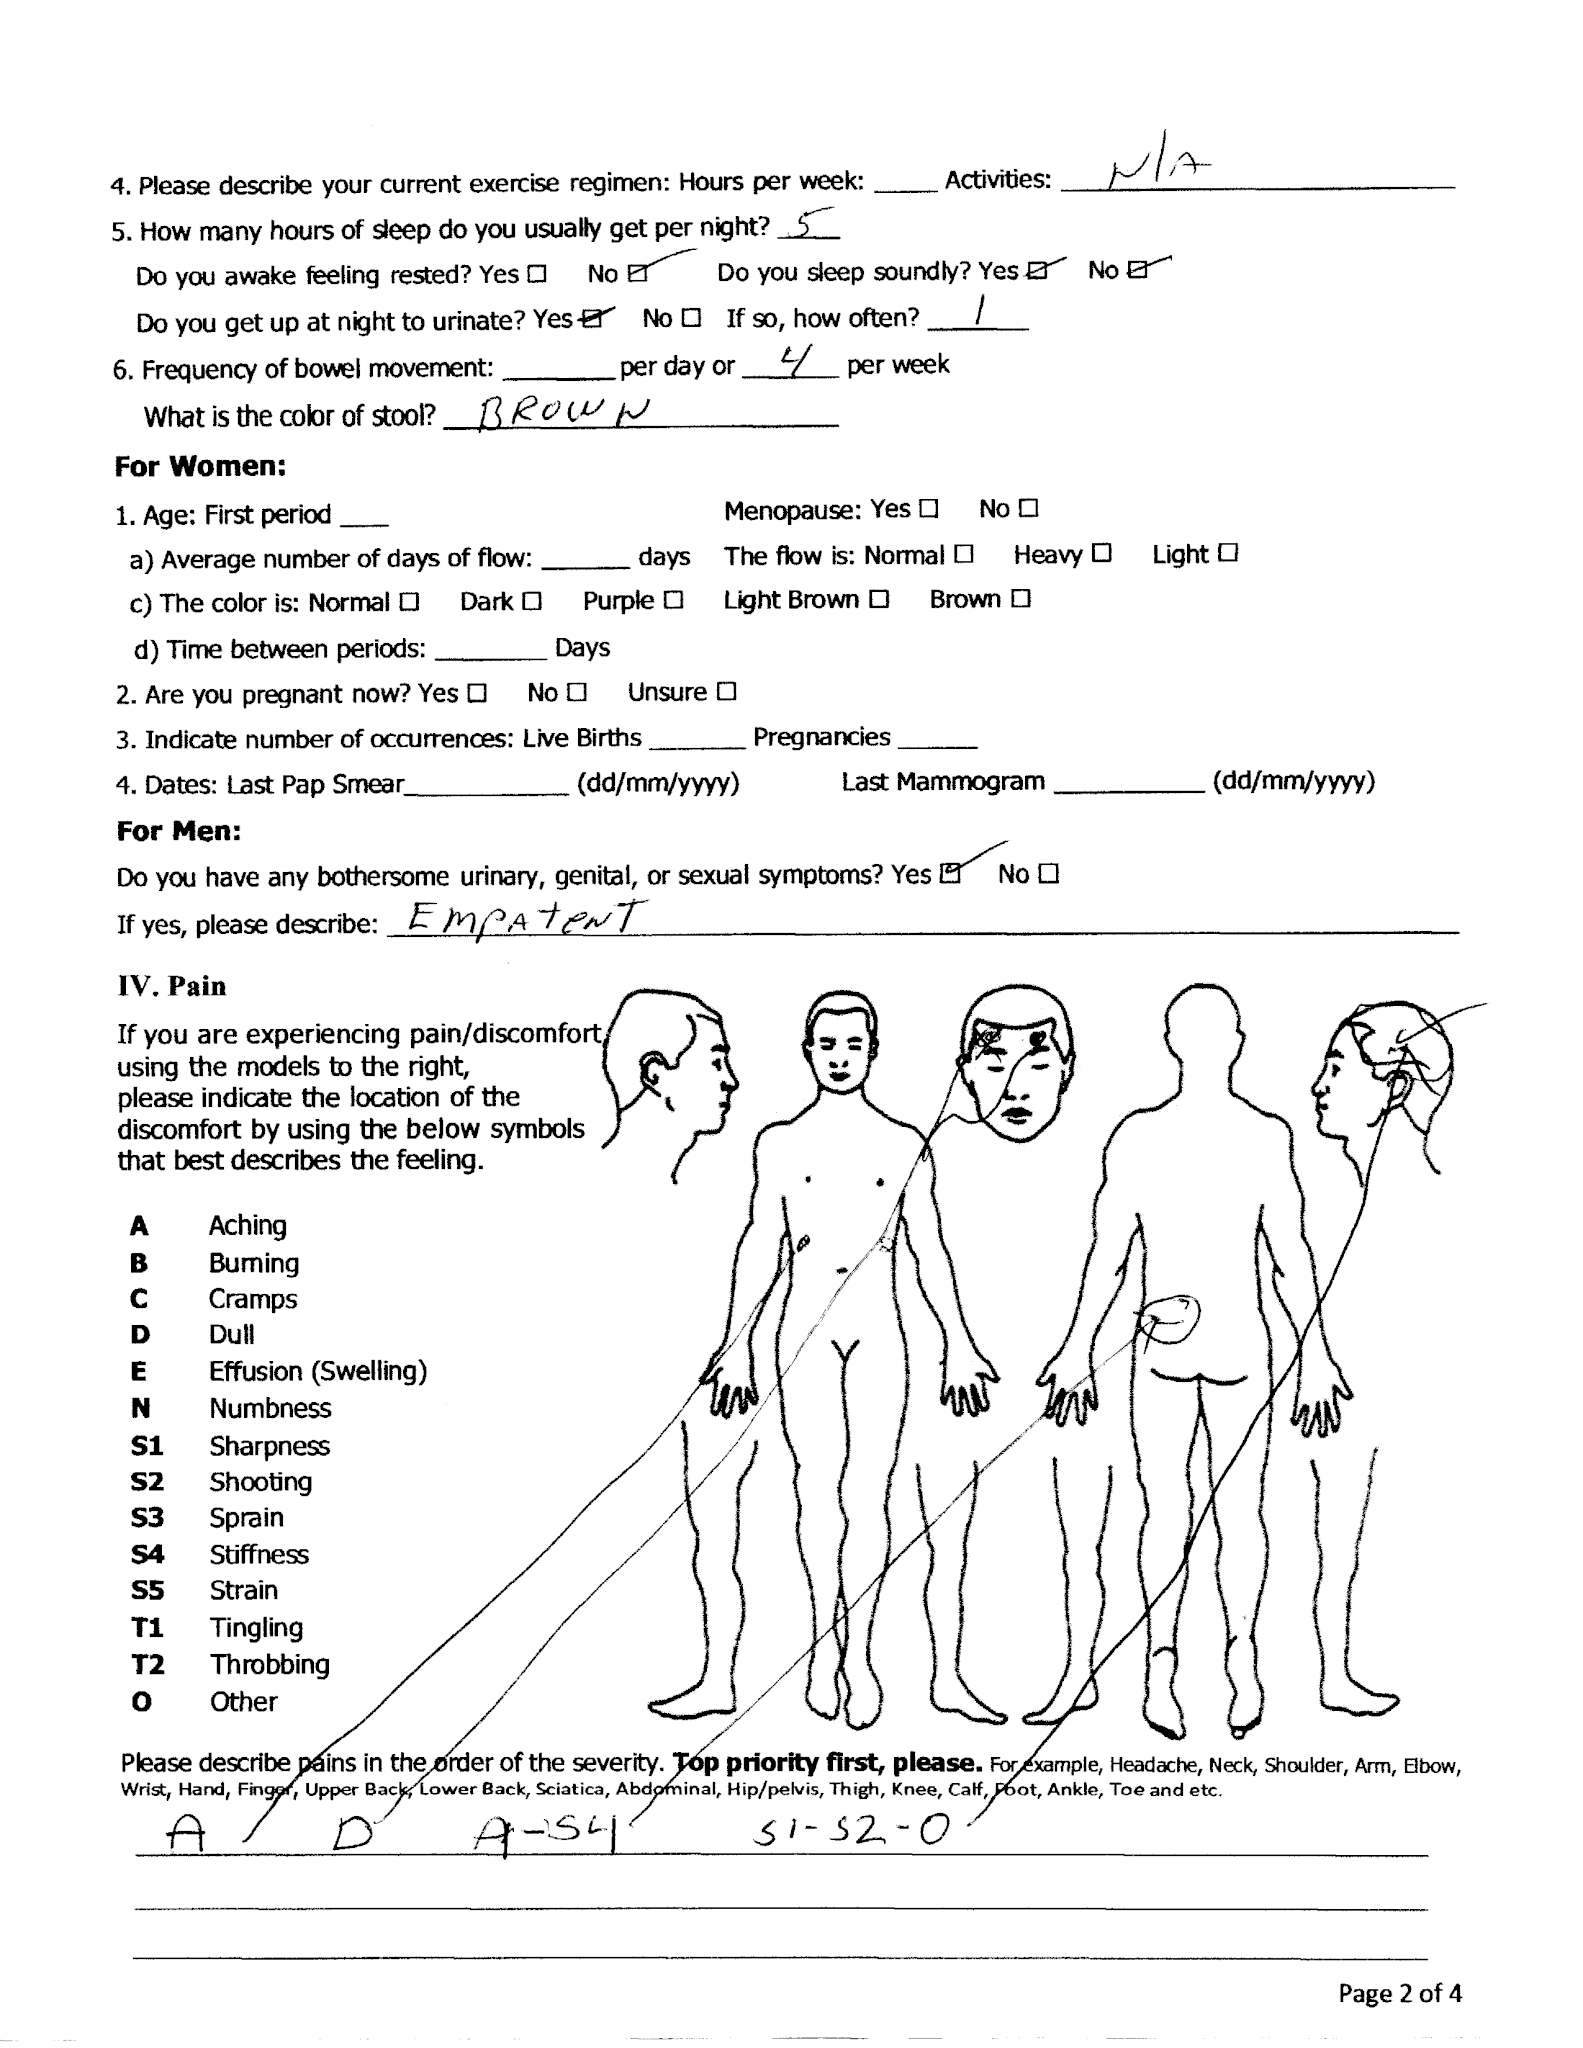 kosa182 Page 2 - Tinnitus Testimonial, LV - KOSA Acupuncture